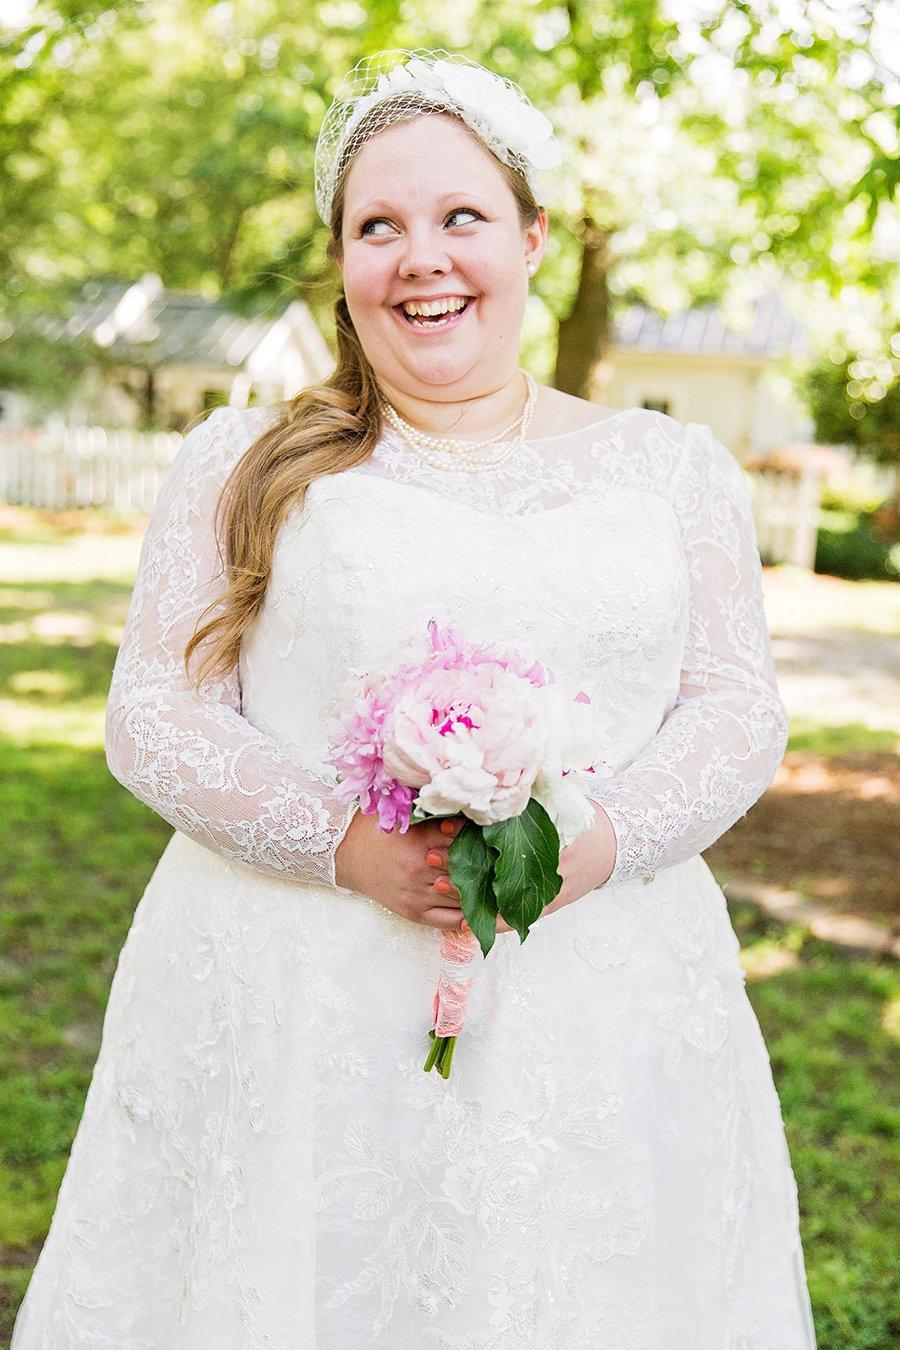 Wedding dress at Longstraw Farms wedding